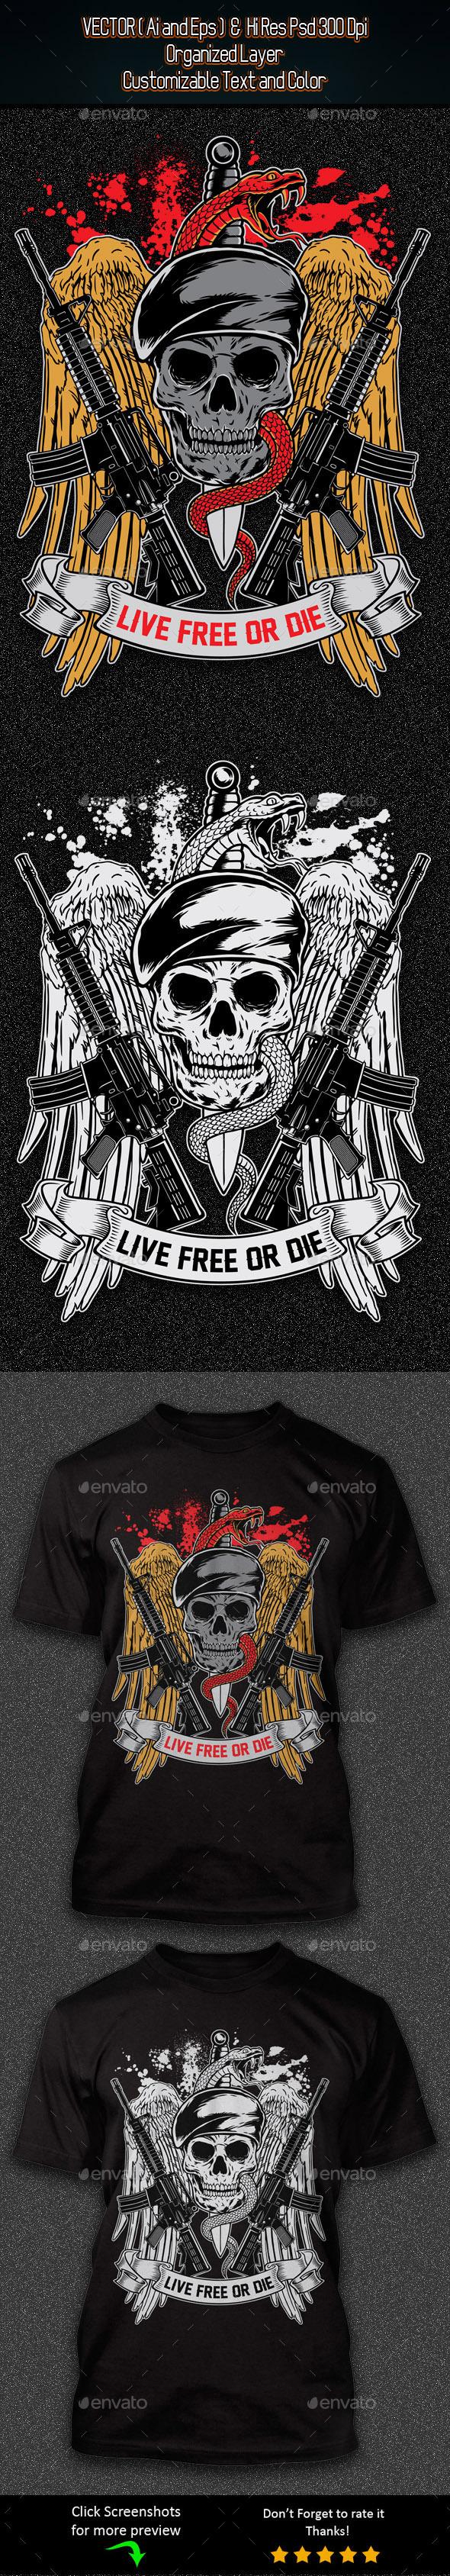 Life Free Or Die - Grunge Designs